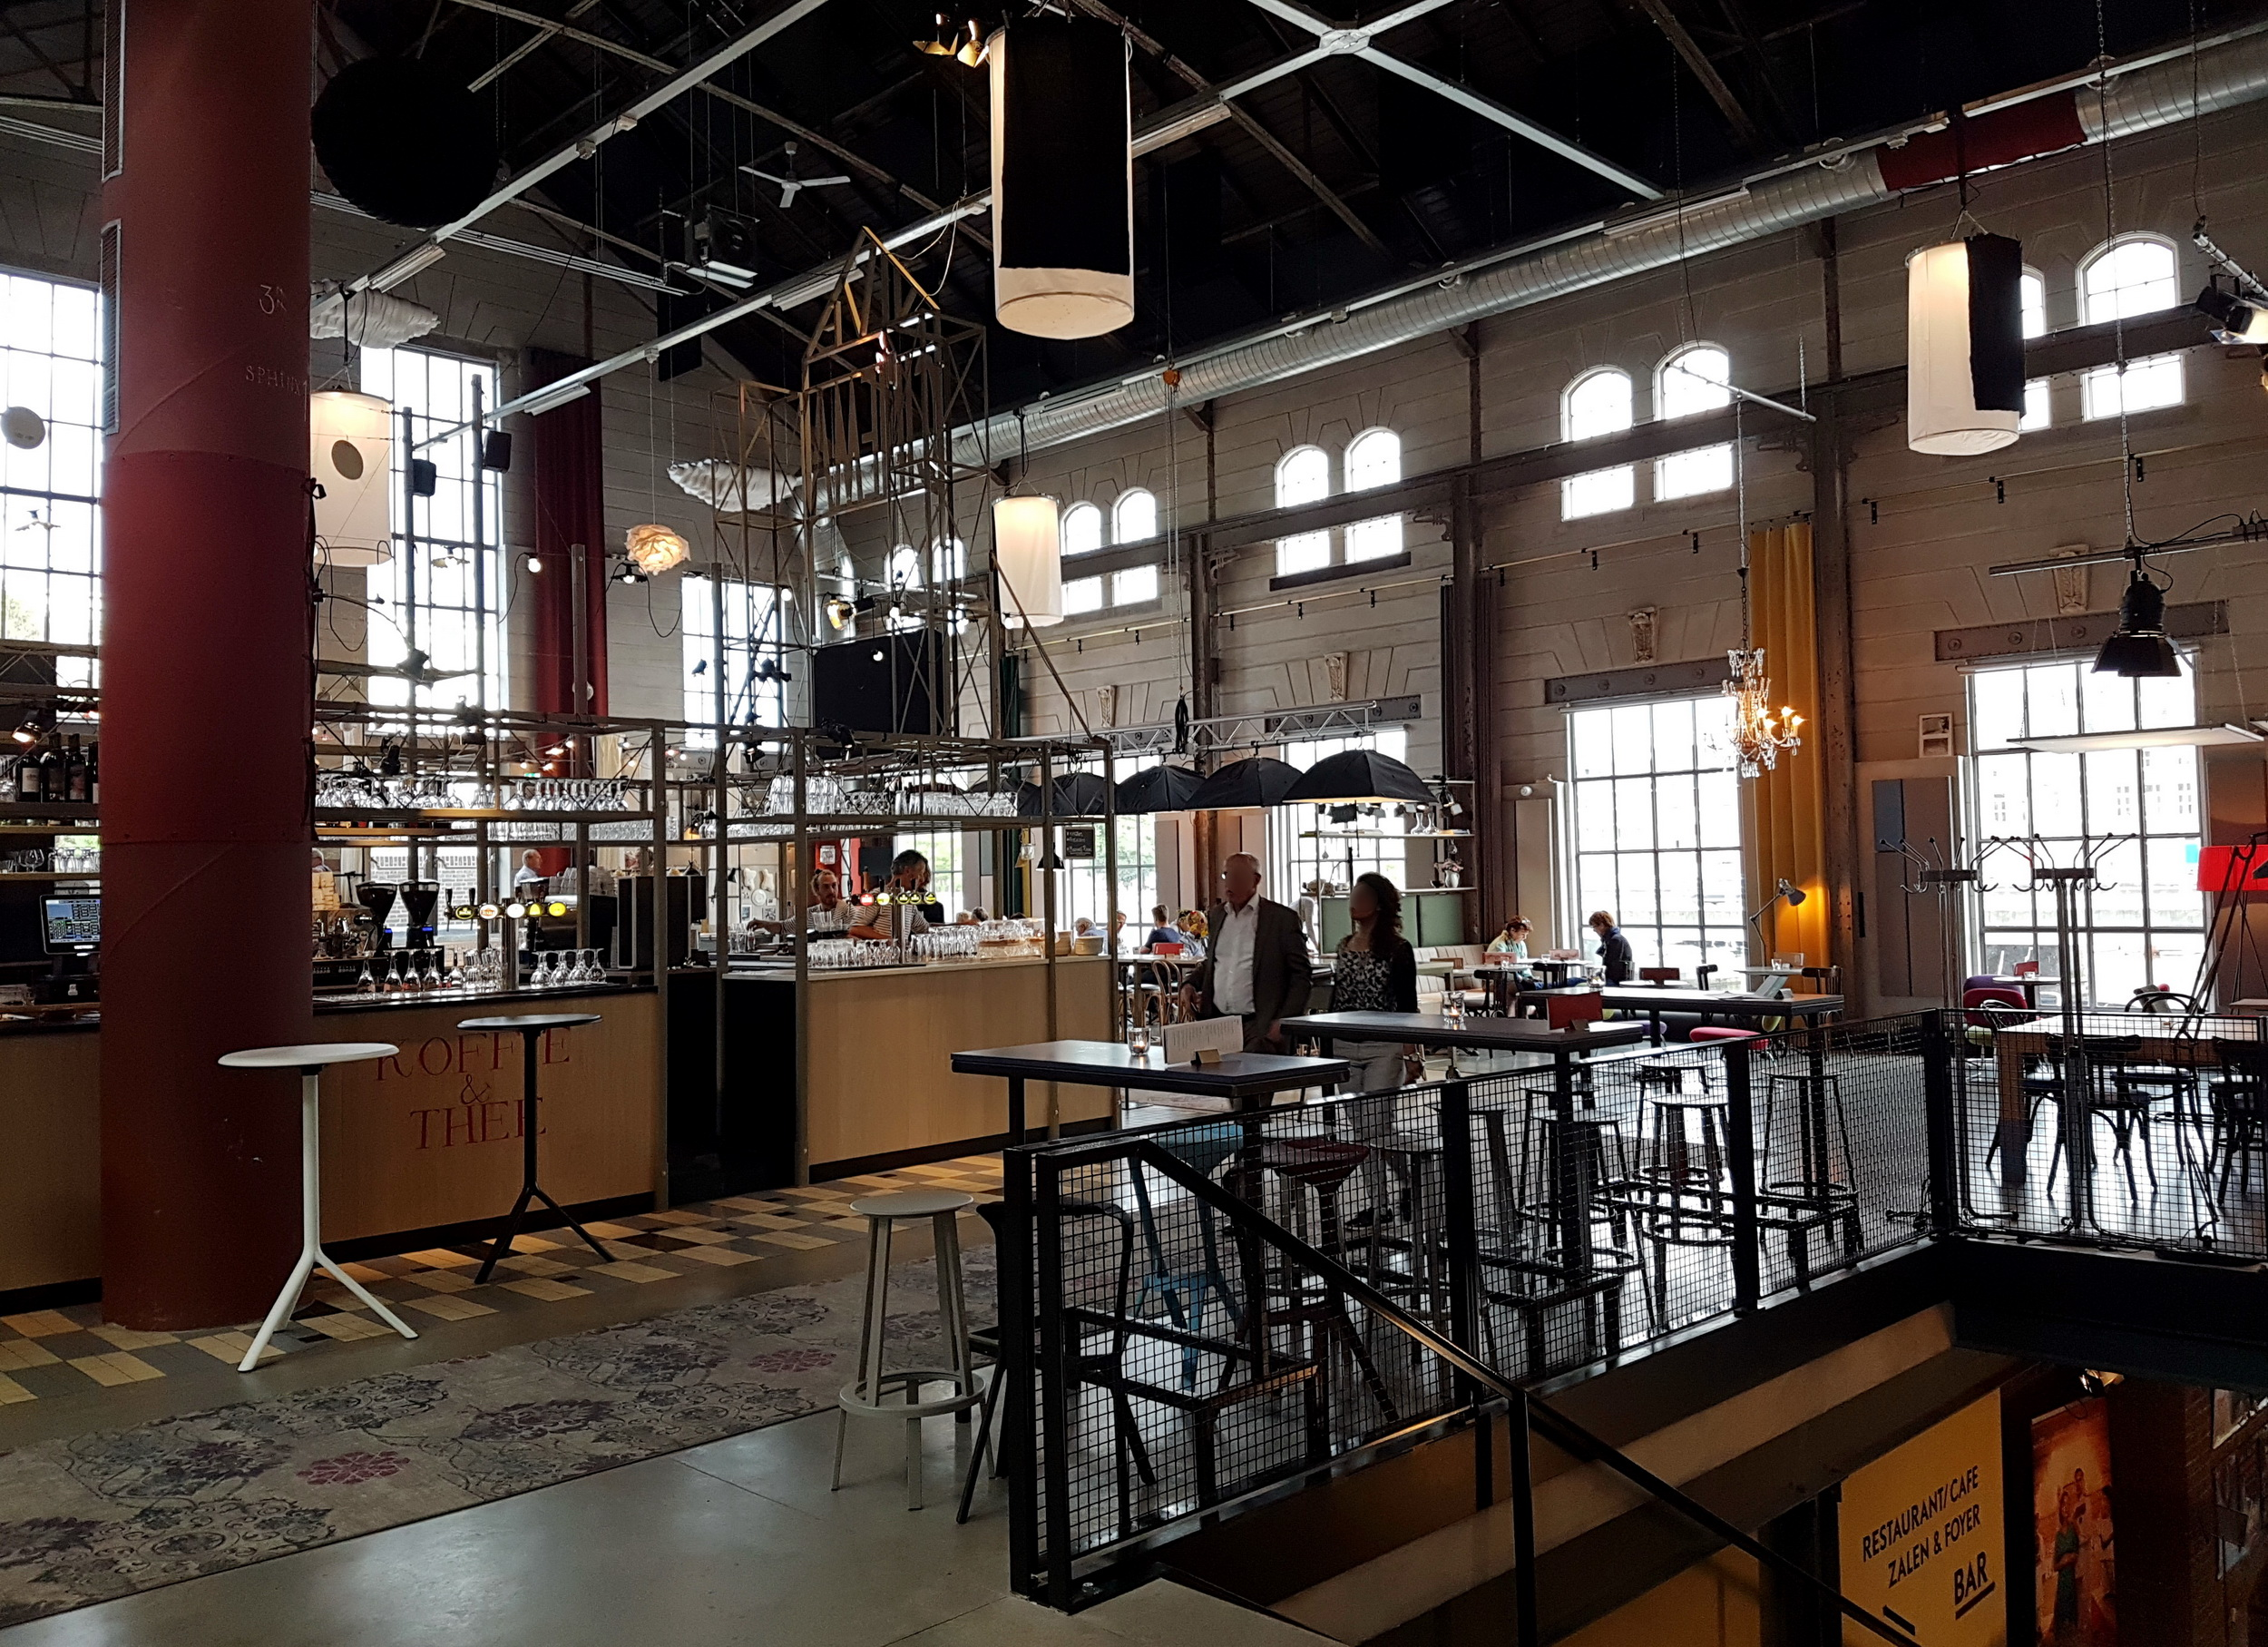 Lumiere Cinema Restaurant Cafe